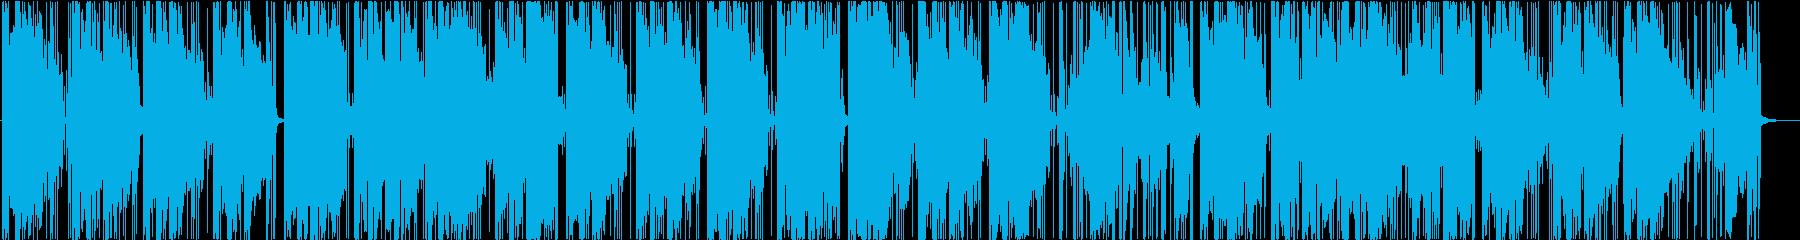 浮遊感のあるチルホップの再生済みの波形